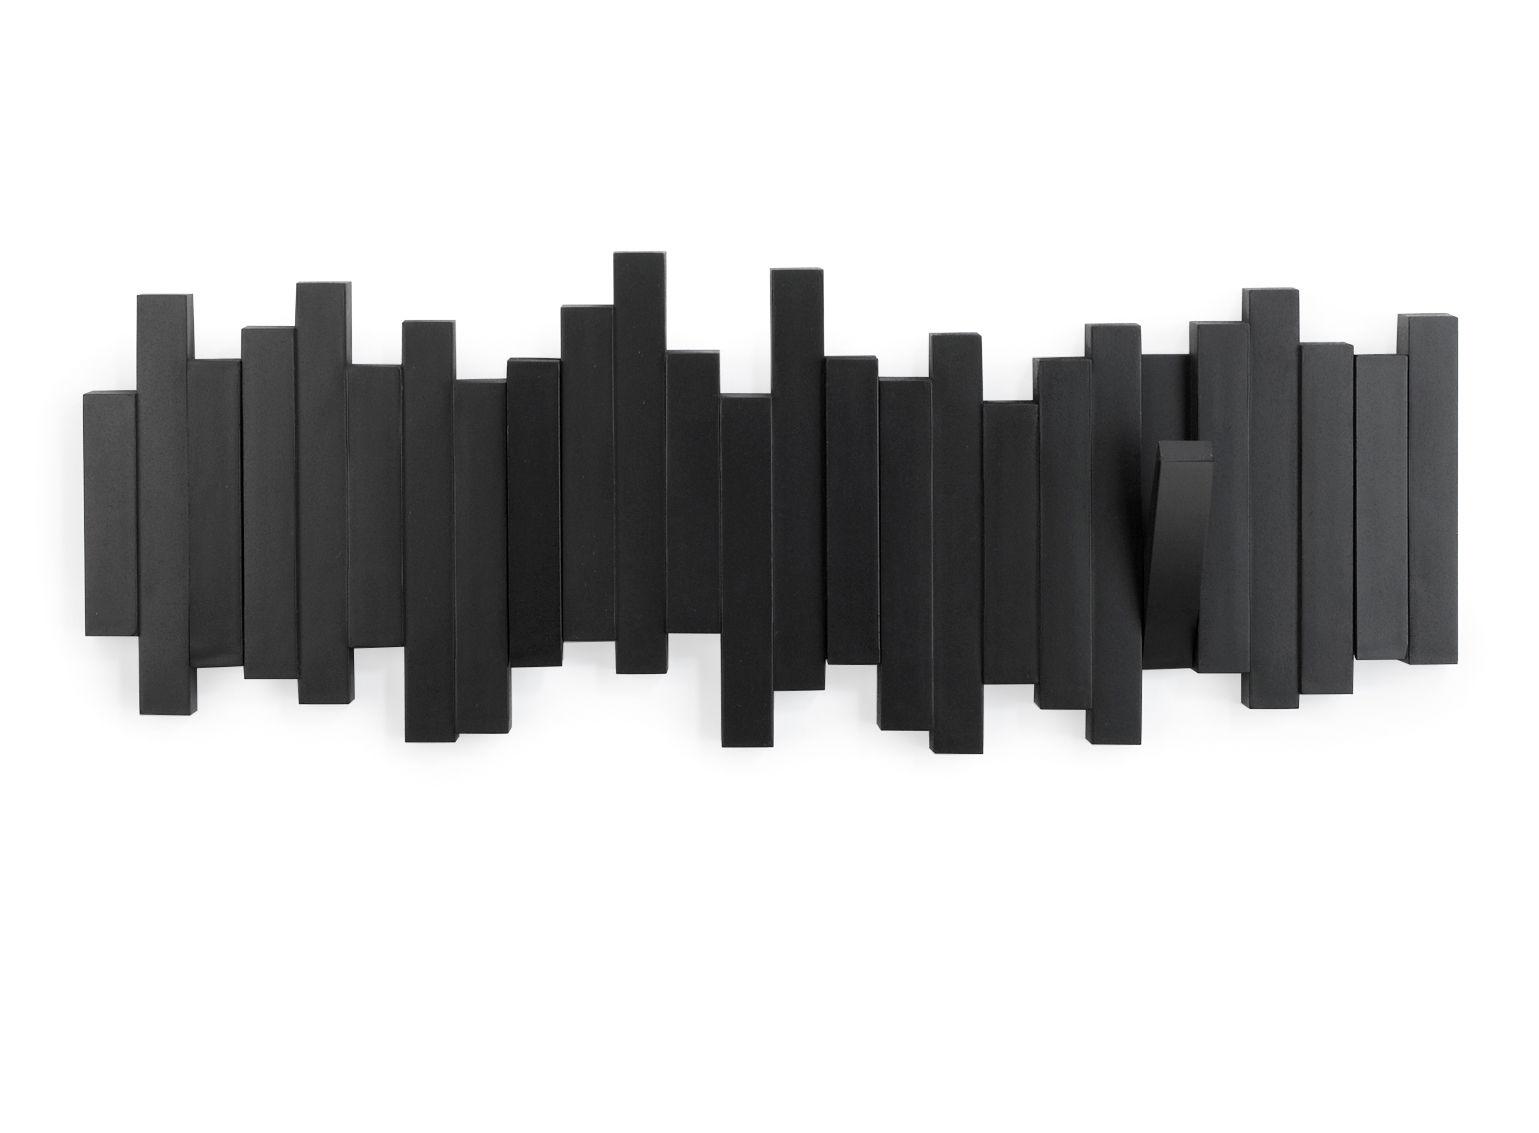 Mobilier - Portemanteaux, patères & portants - Portemanteau mural Sticks / 5 patères rabattables - L 48 cm - Umbra - Noir - Matière plastique